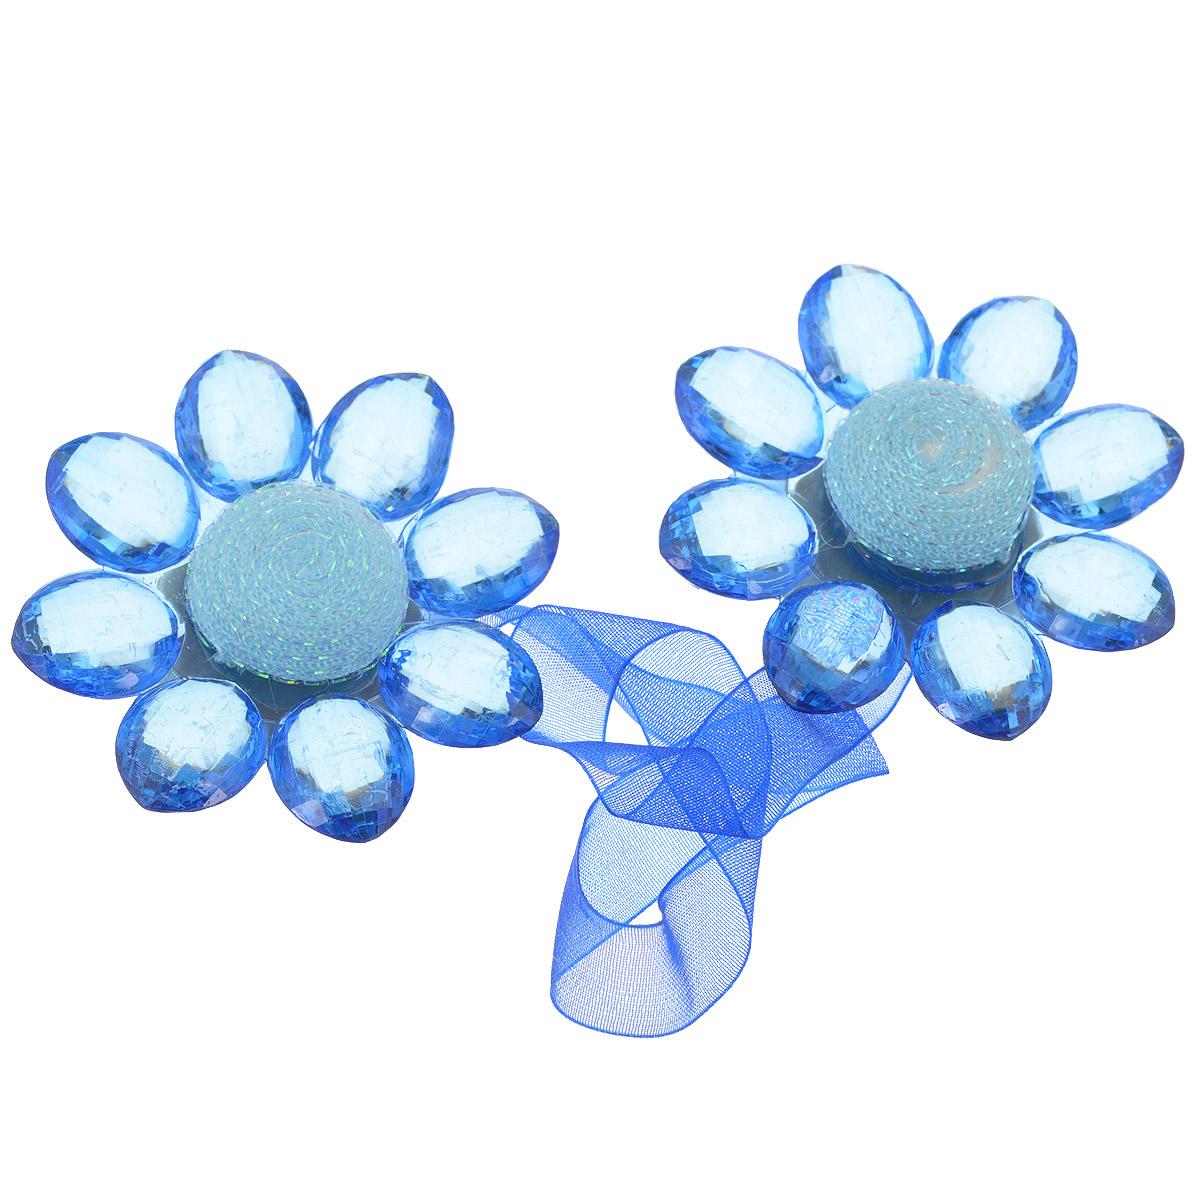 Клипса-магнит для штор Calamita Fiore, цвет: синий. 7704016_7927704016_792Клипса-магнит Calamita Fiore, изготовленная из пластика и текстиля, предназначена для придания формы шторам. Изделие представляет собой два магнита, расположенные на разных концах текстильной ленты. Магниты оформлены декоративными цветками. С помощью такой магнитной клипсы можно зафиксировать портьеры, придать им требуемое положение, сделать складки симметричными или приблизить портьеры, скрепить их. Клипсы для штор являются универсальным изделием, которое превосходно подойдет как для штор в детской комнате, так и для штор в гостиной. Следует отметить, что клипсы для штор выполняют не только практическую функцию, но также являются одной из основных деталей декора этого изделия, которая придает шторам восхитительный, стильный внешний вид. Материал: пластик, полиэстер, магнит. Диаметр декоративного цветка: 5,5 см. Длина ленты: 28 см.